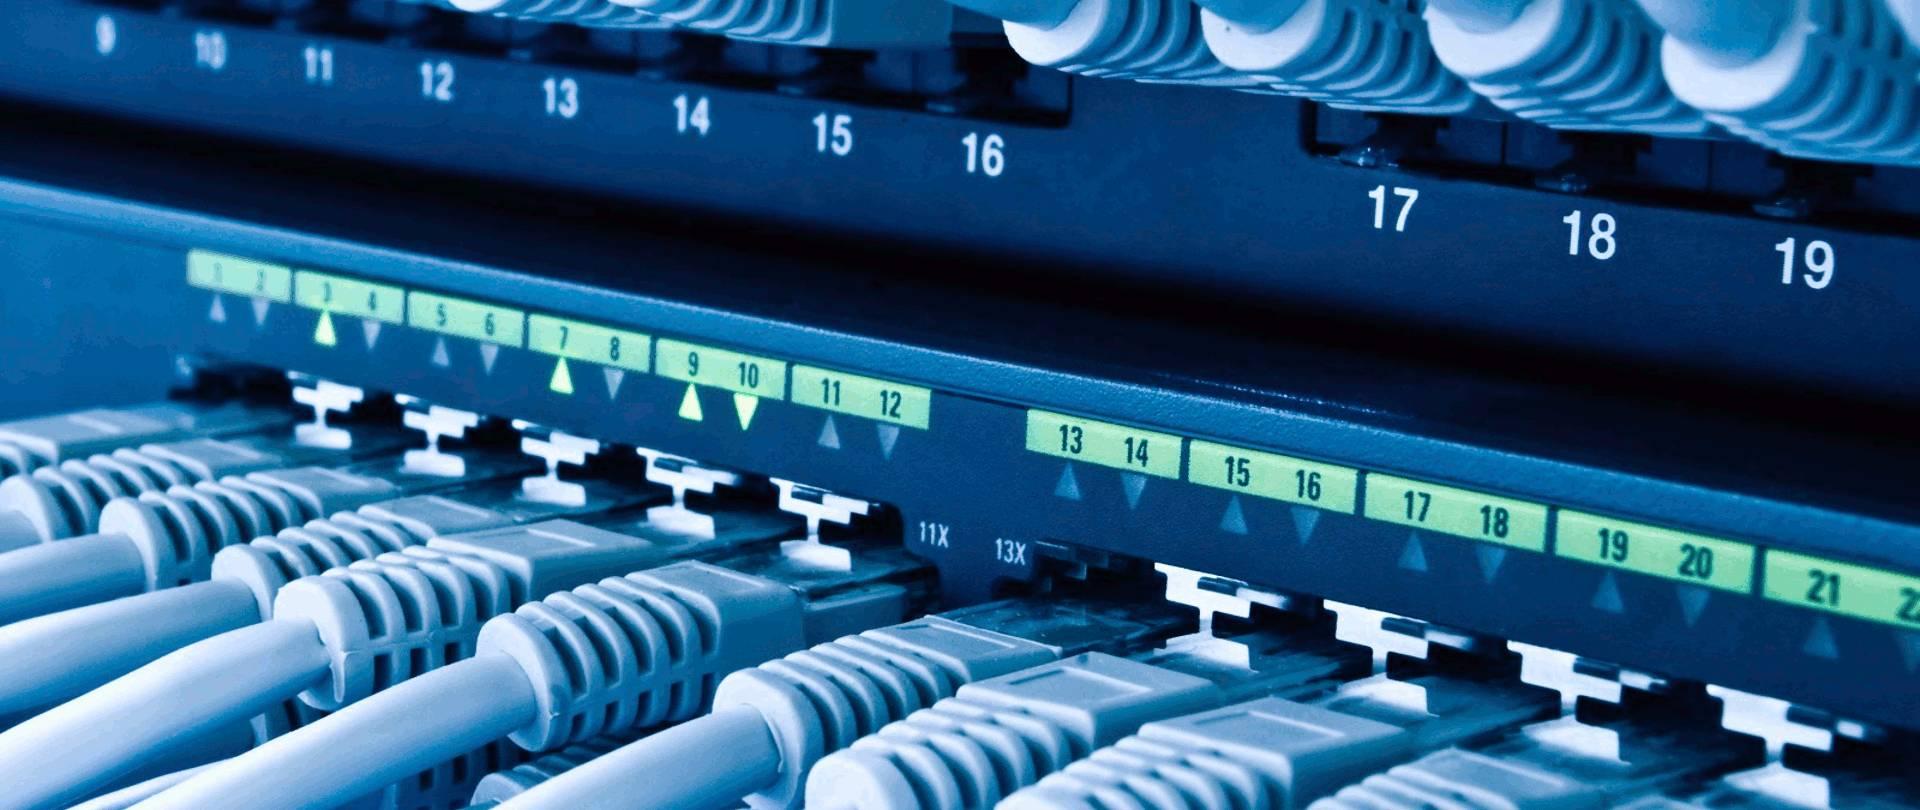 Все о компьютерных сетях